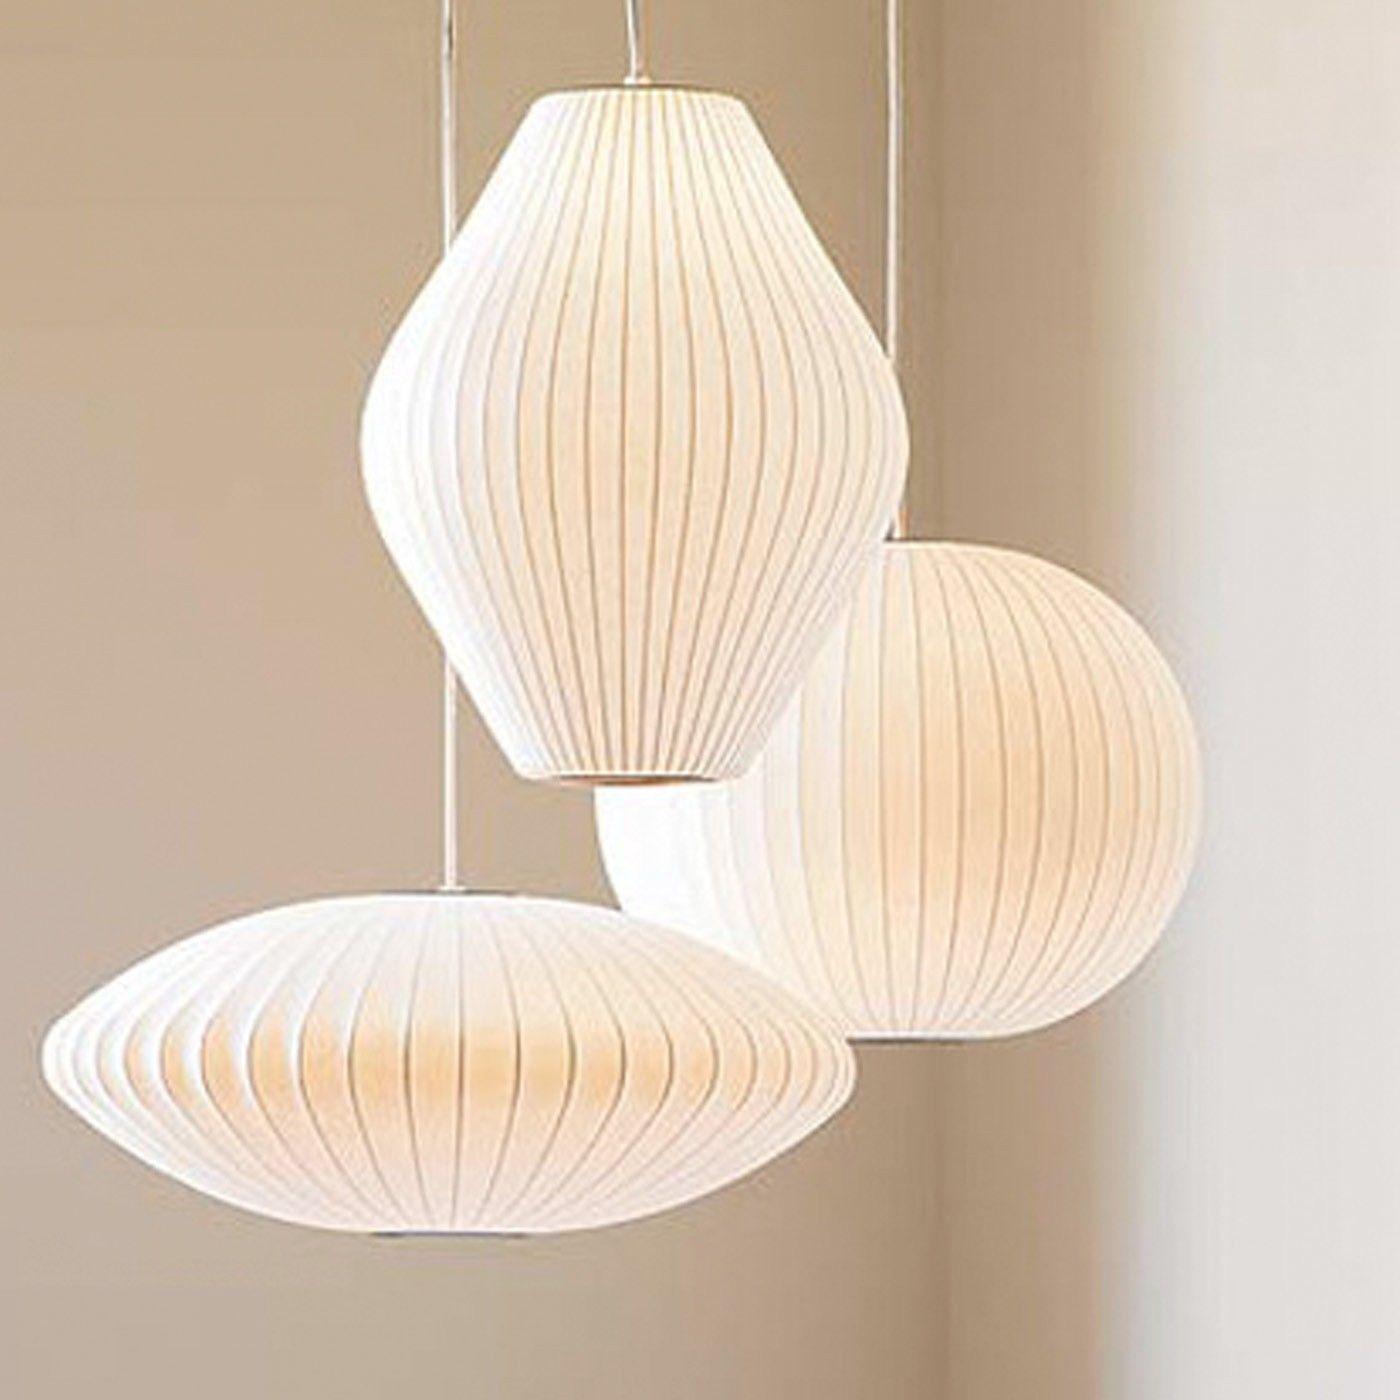 Heals Lighting Pendant